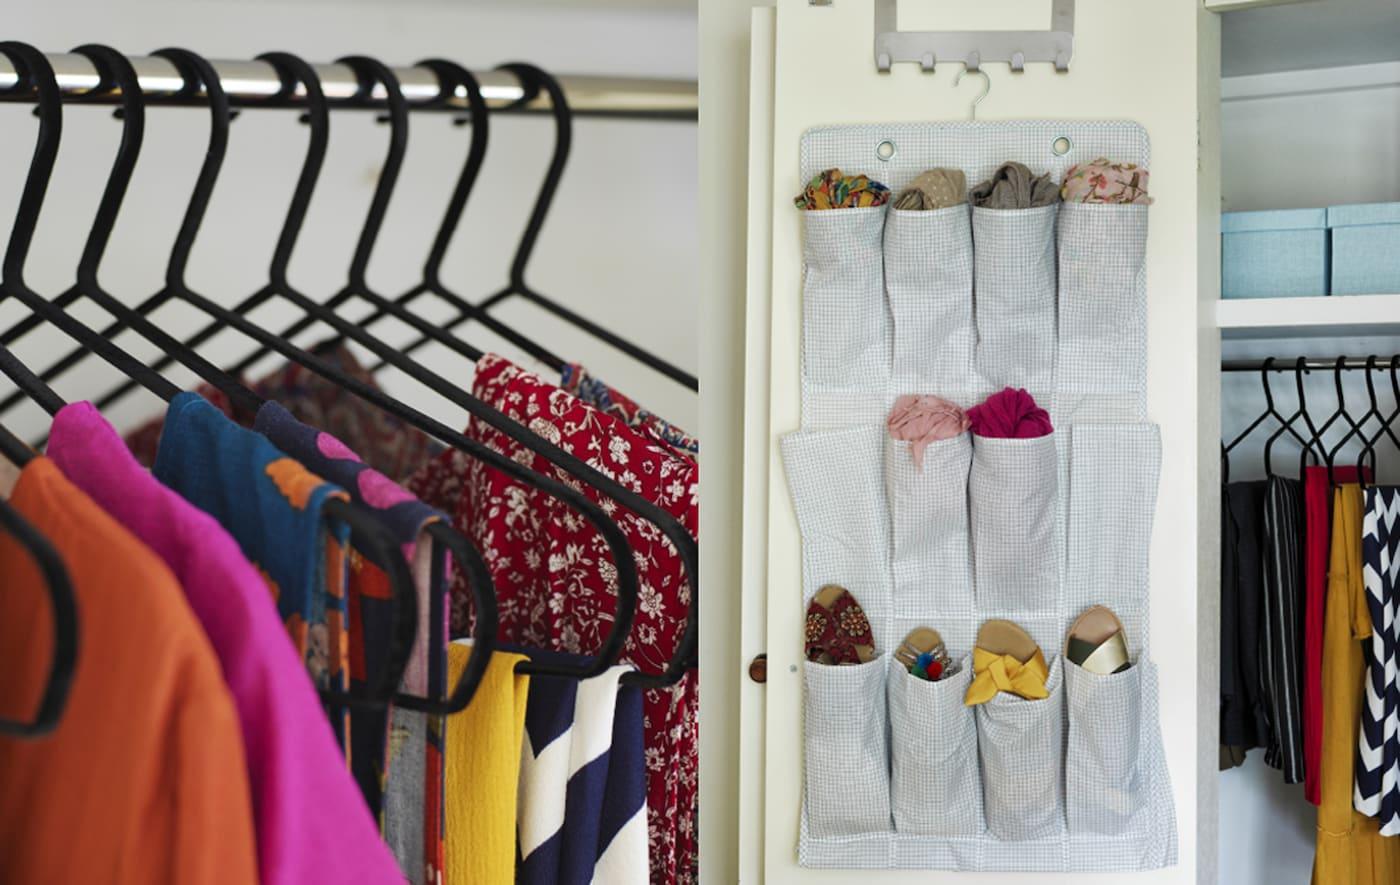 Un guardaroba con vestiti colorati appesi su grucce nere e accessori organizzati in un portascarpe appeso all'interno dell'anta - IKEA